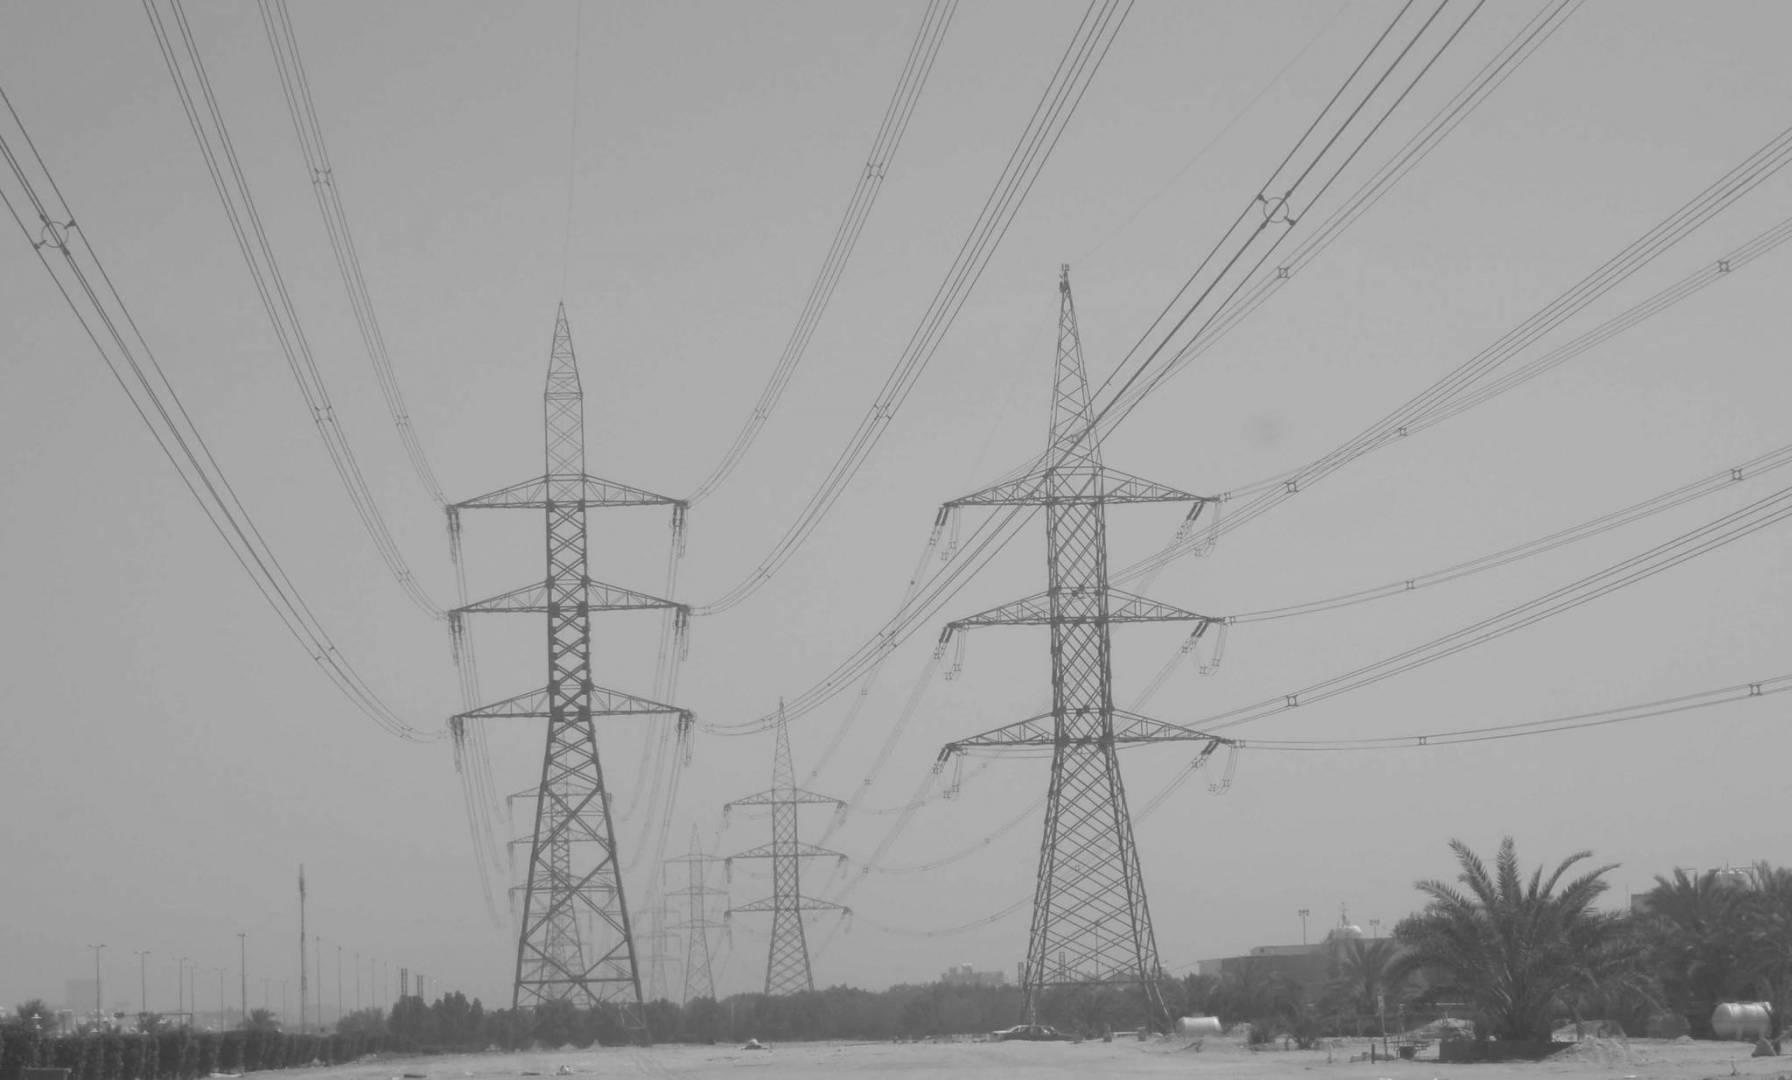 شبكة كهرباء دولية.. أرشيفية